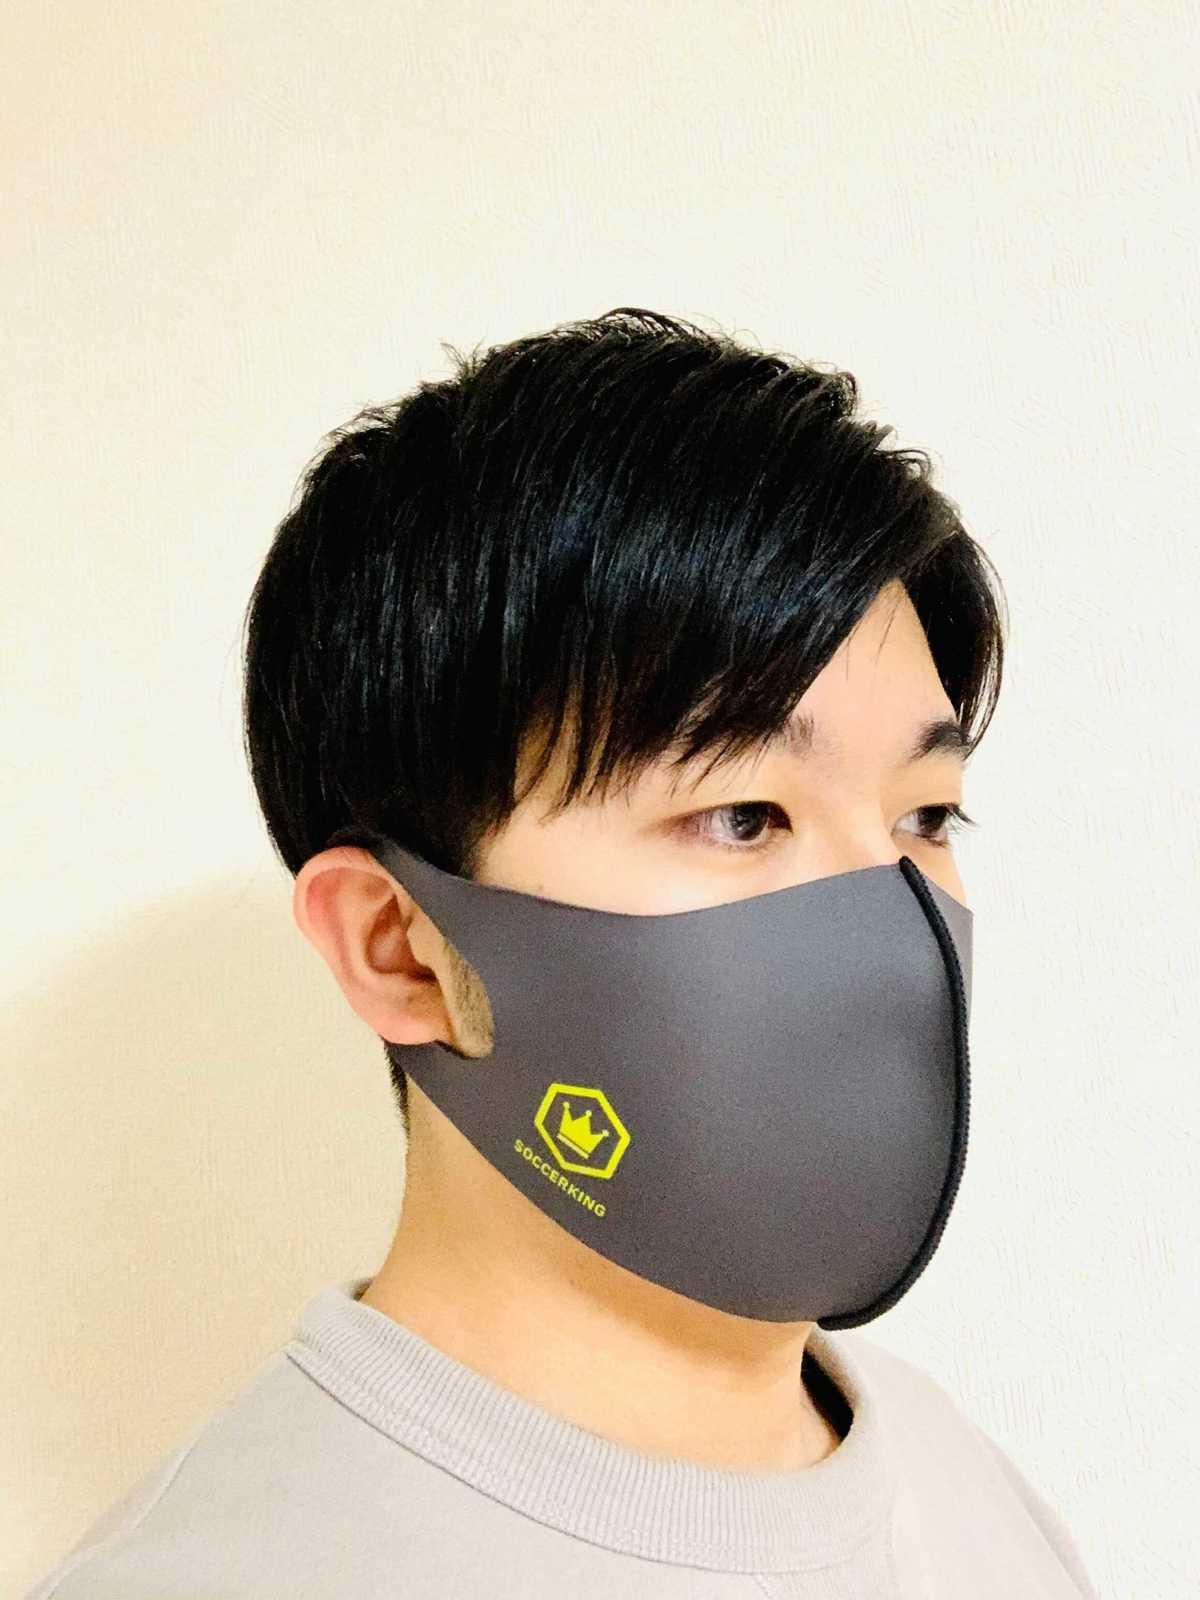 【送料無料】アスリートマスク(サッカーキングロゴ入りVer)